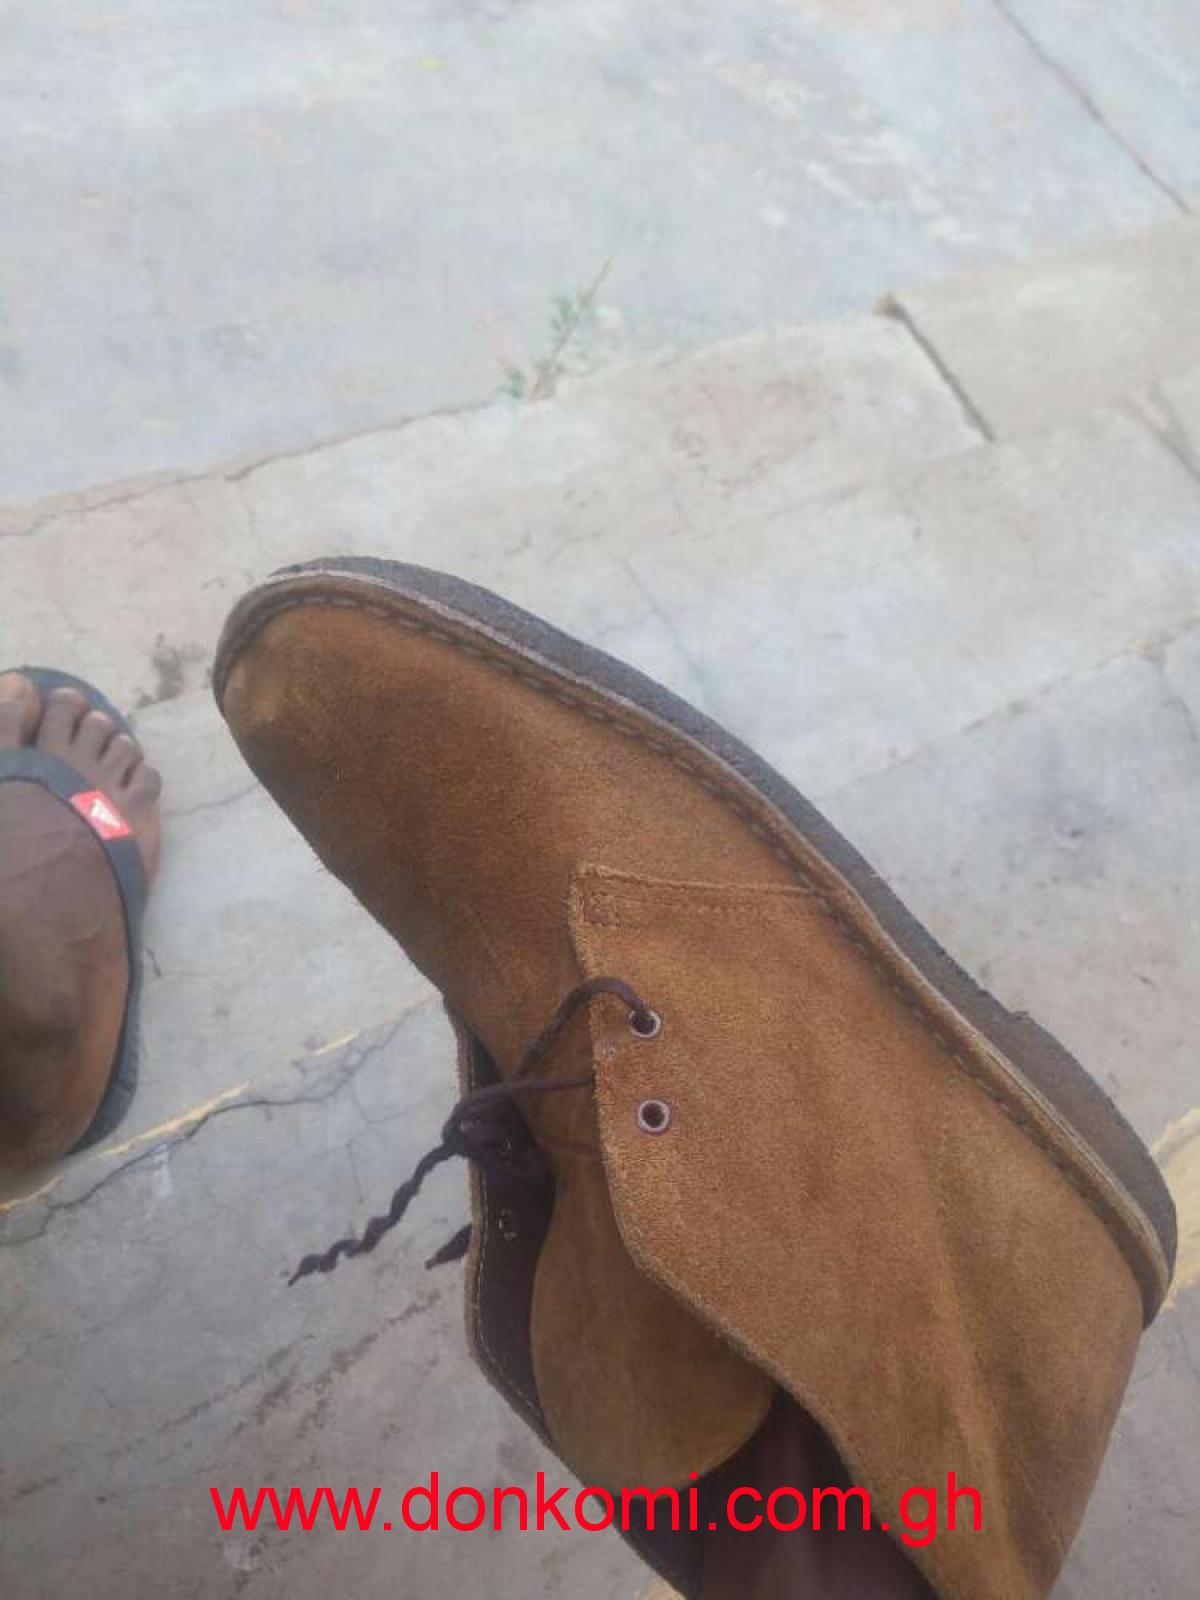 Desert Boots (Size 44/45)